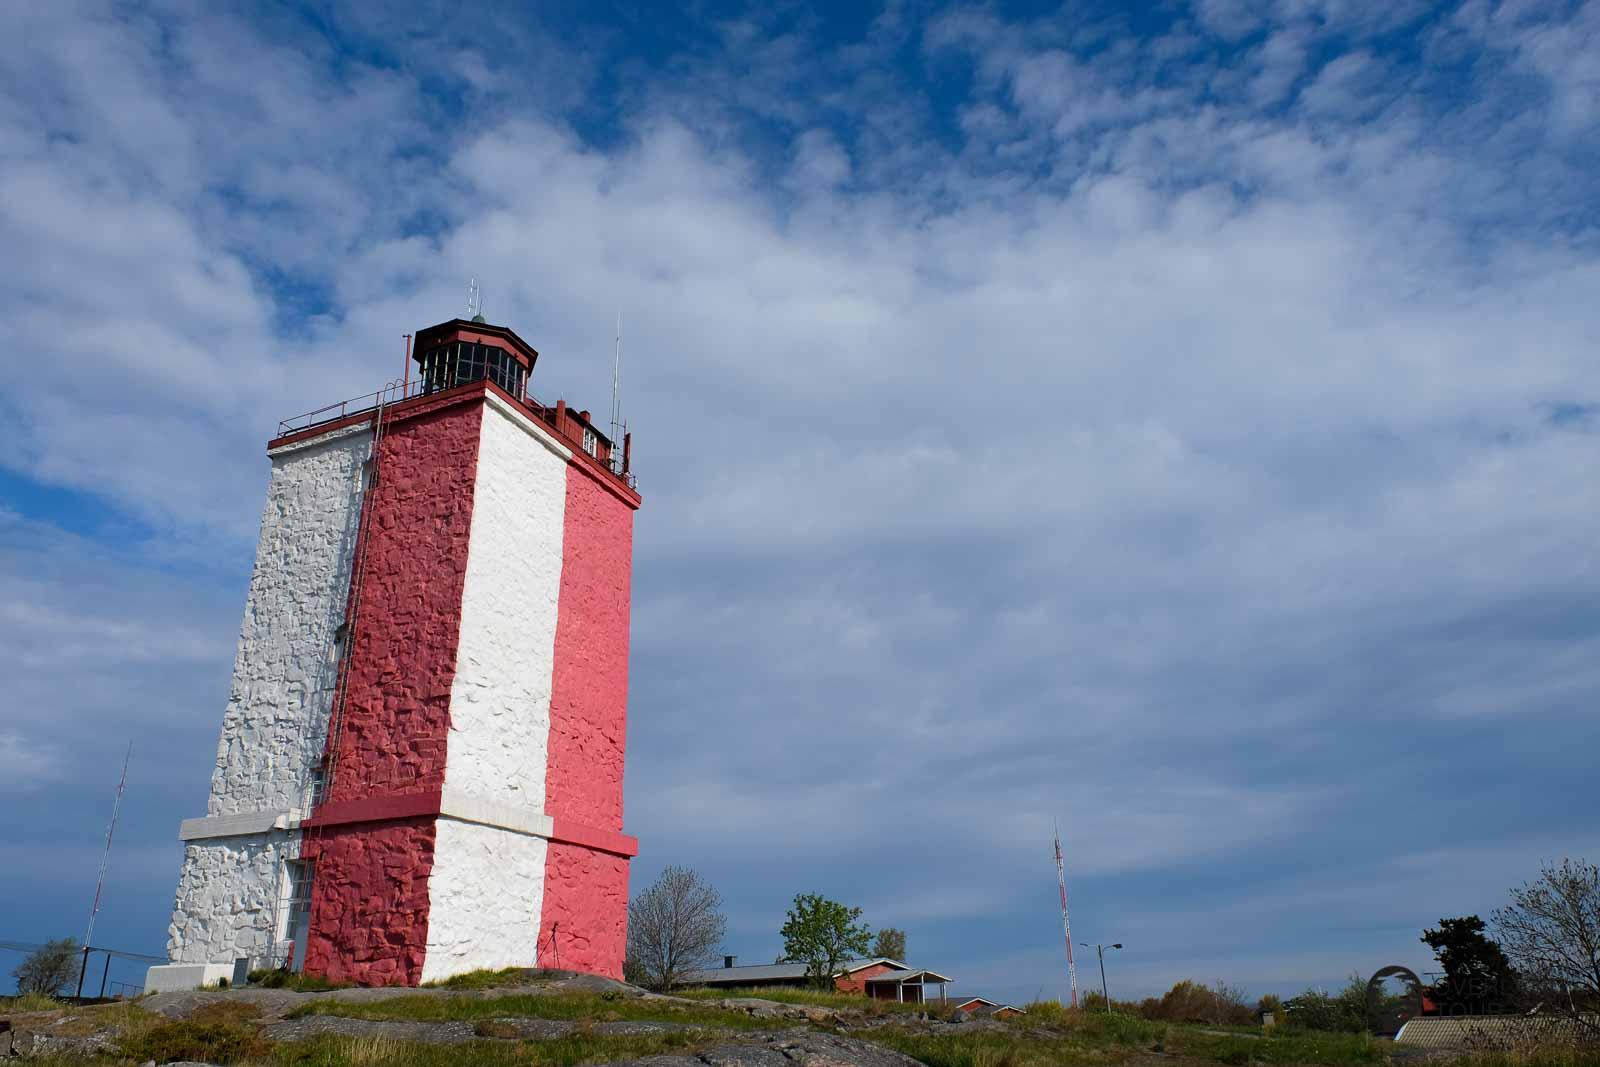 Utö mit seinem Leuchtturm ist die letzte Insel, die mit einer öffentlichen Fähre erreicht werden kann. Der Leuchtturm ist wunder schöne und die Ruhe dort draußen sagt dir, du bist am Ende der Welt